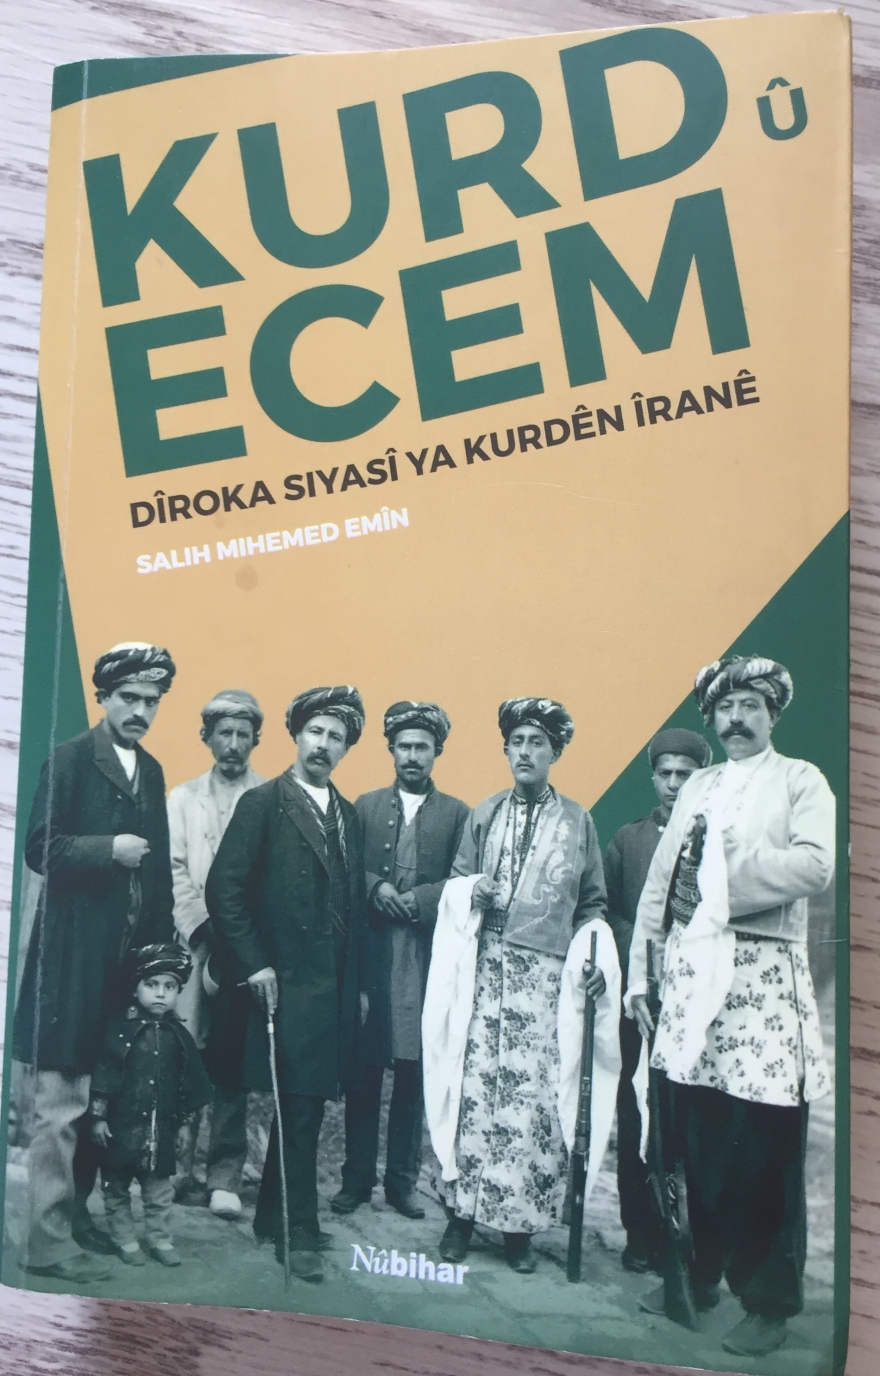 Kurd û Ecem,kurd,û,ecem